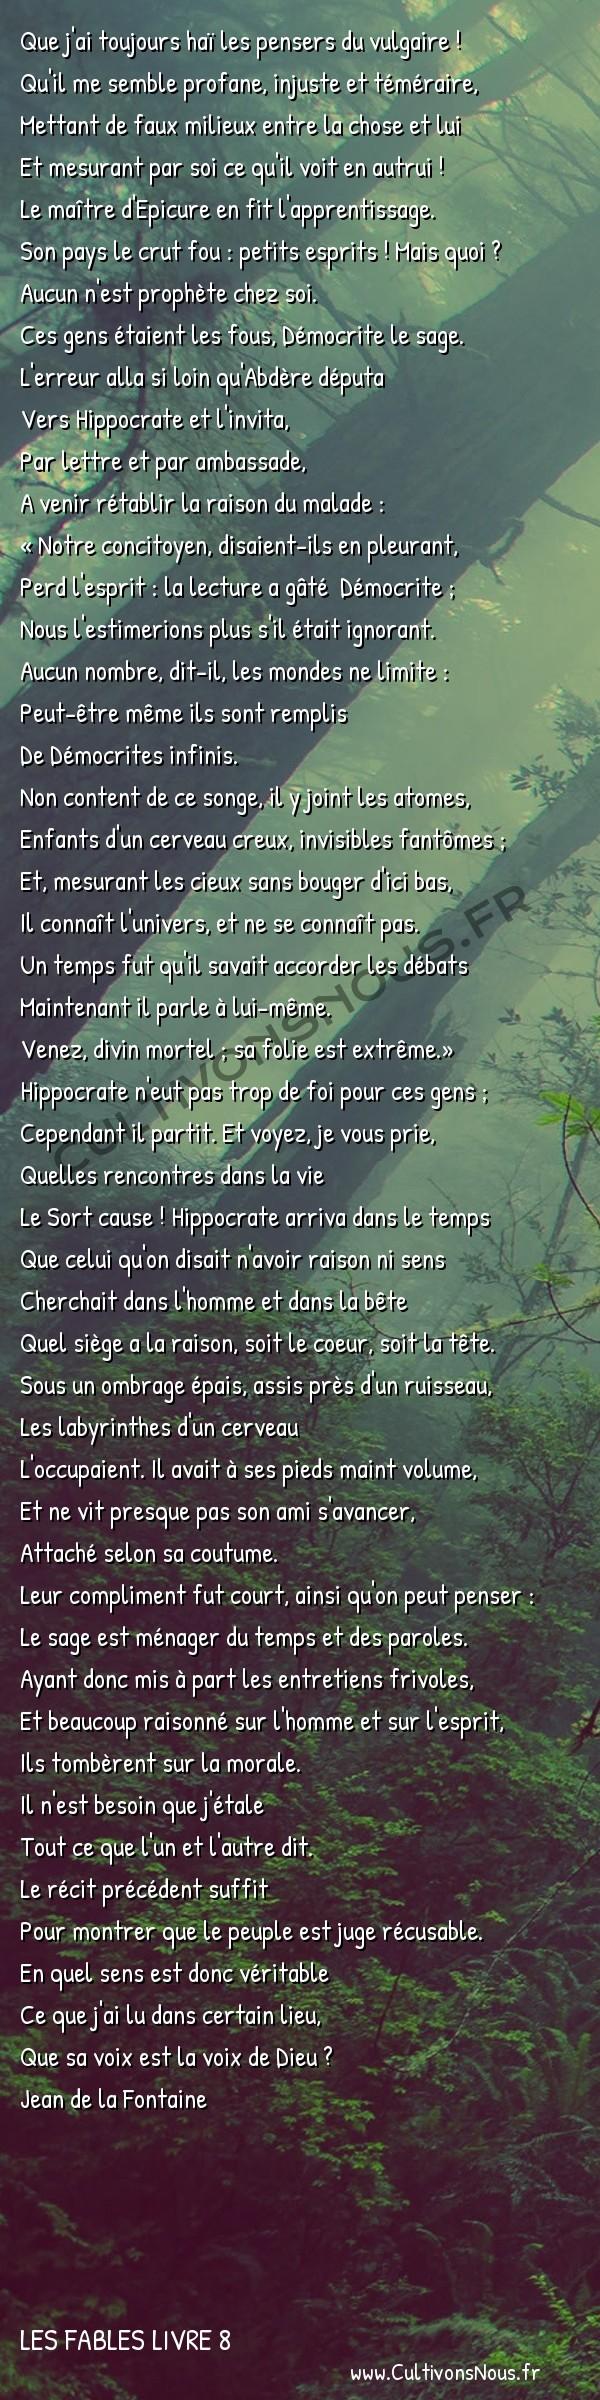 Fables Jean de la Fontaine - Les fables Livre 8 - Démocrite et les Abdéritains -   Que j'ai toujours haï les pensers du vulgaire ! Qu'il me semble profane, injuste et téméraire,